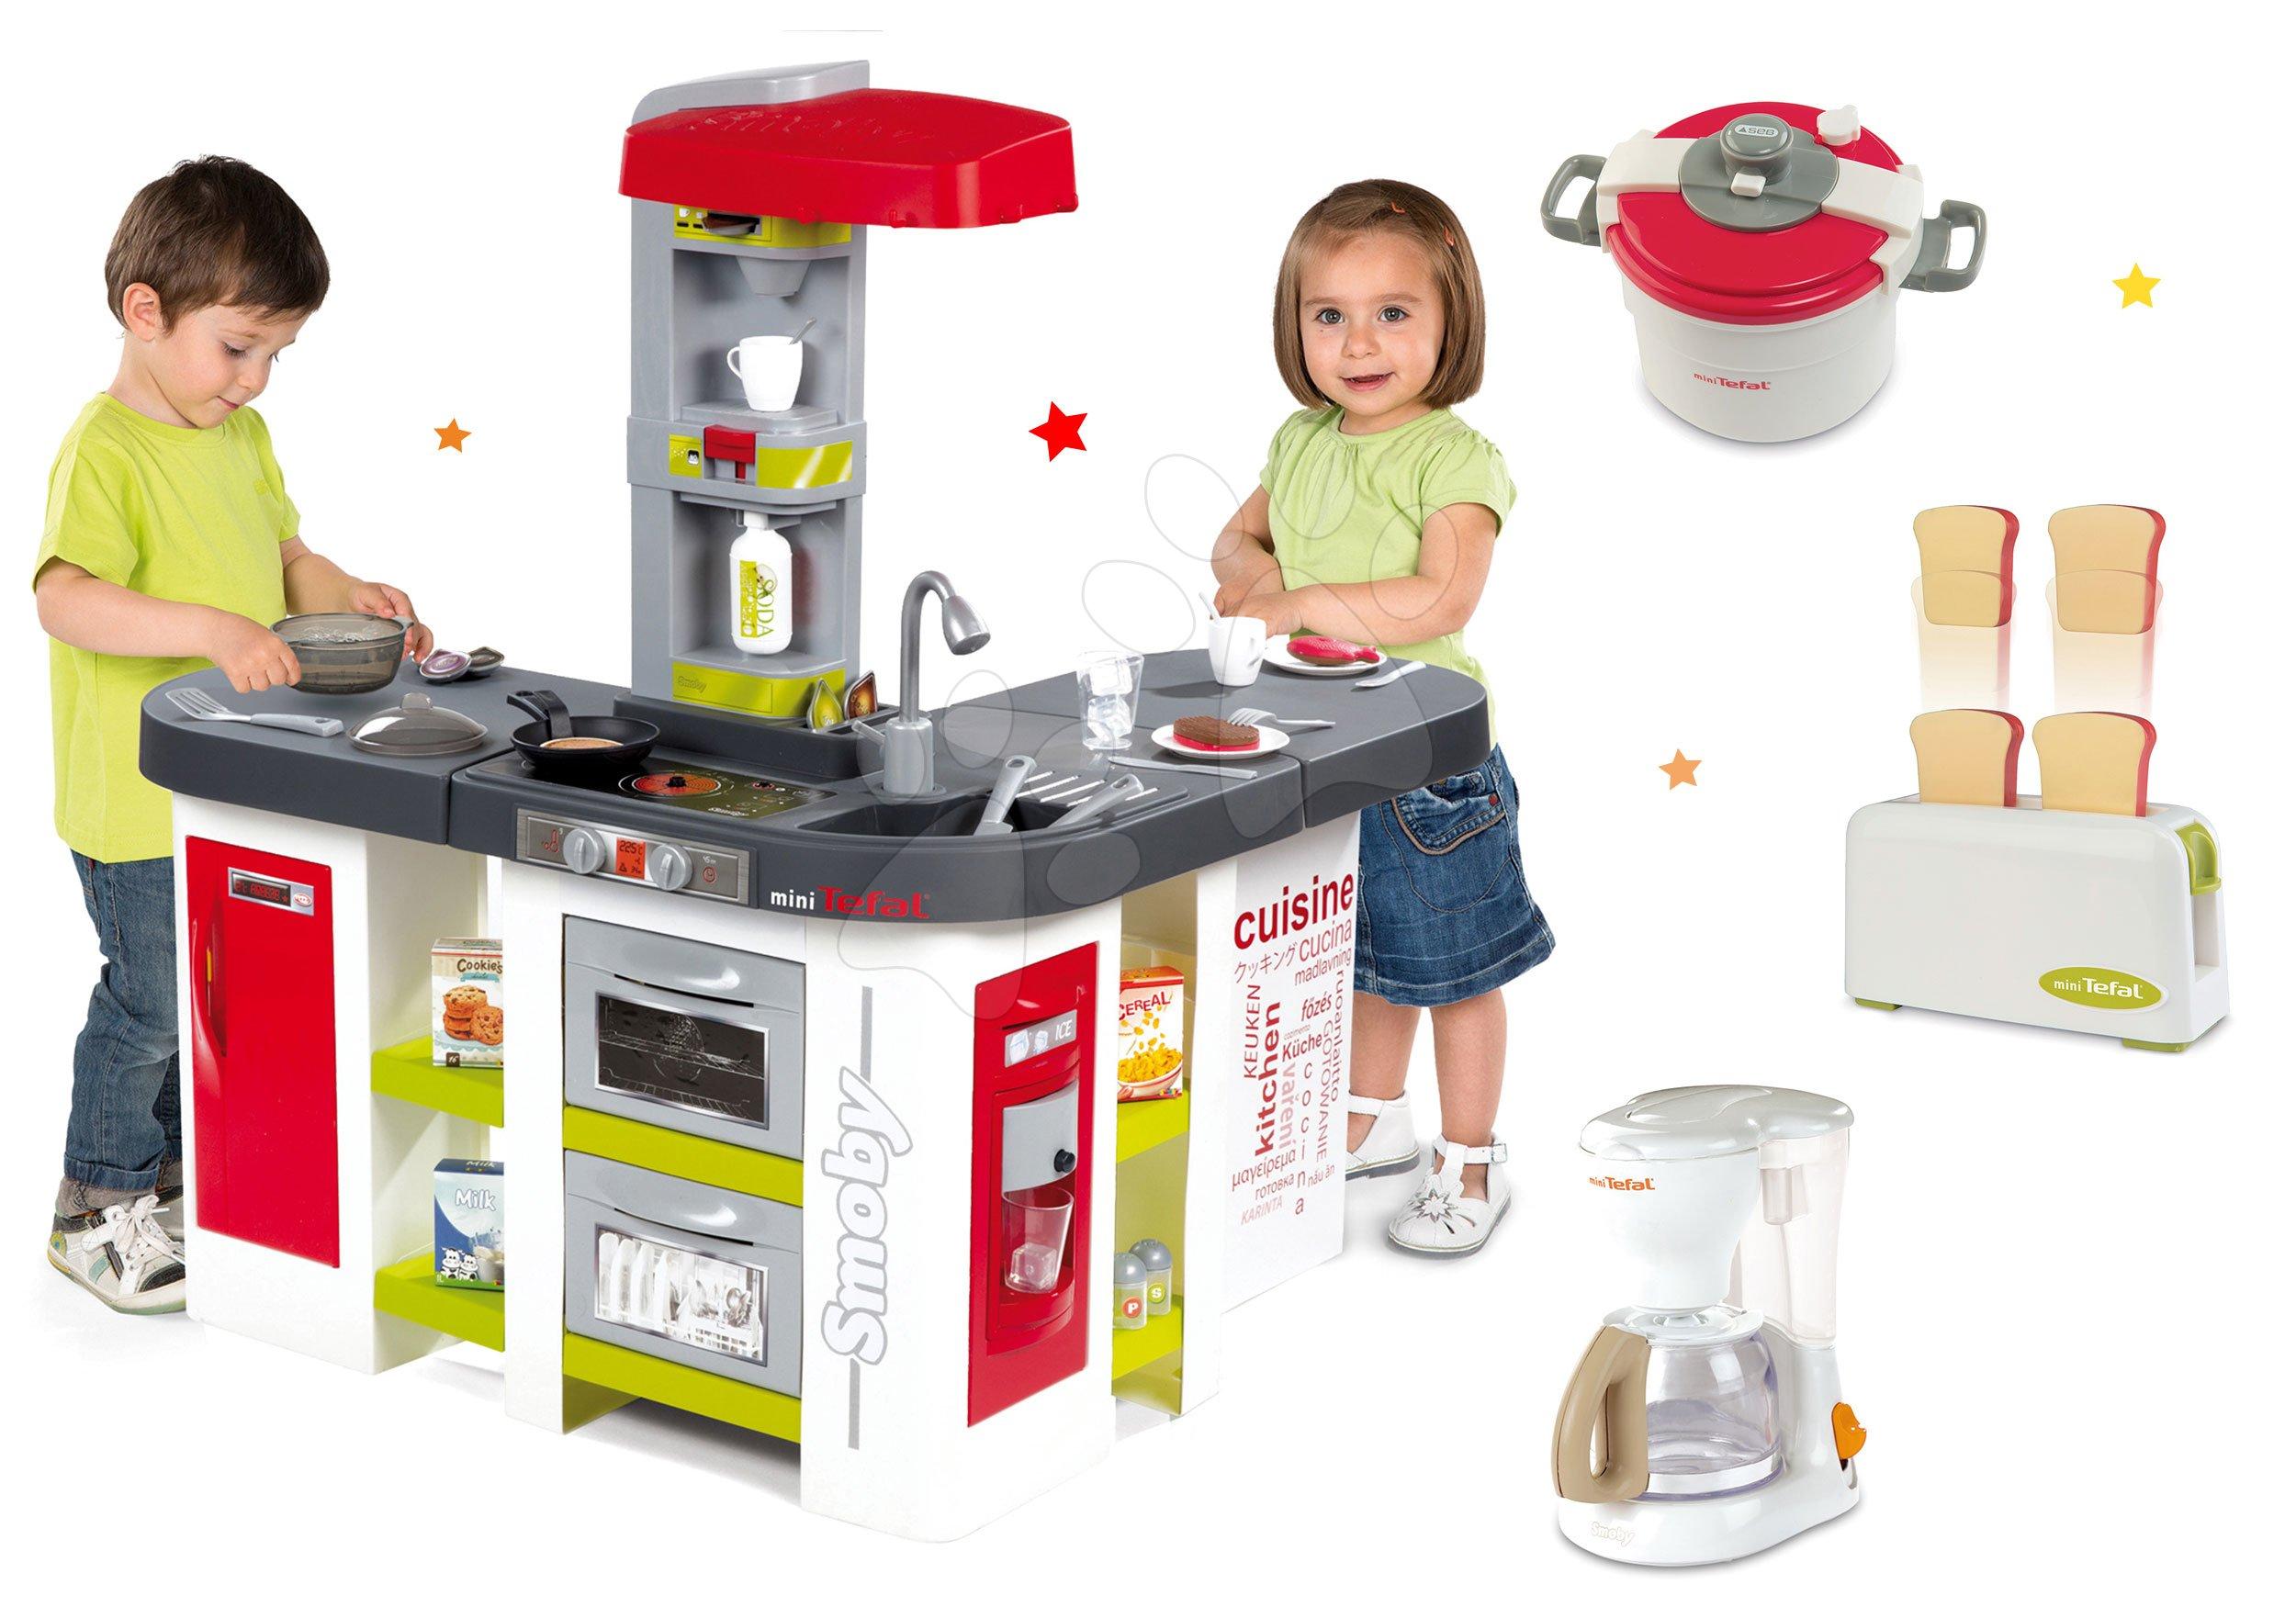 Smoby detská elektronická kuchynka Teal Studio XXL a kuchynské spotrebiče Tefal 311018-6